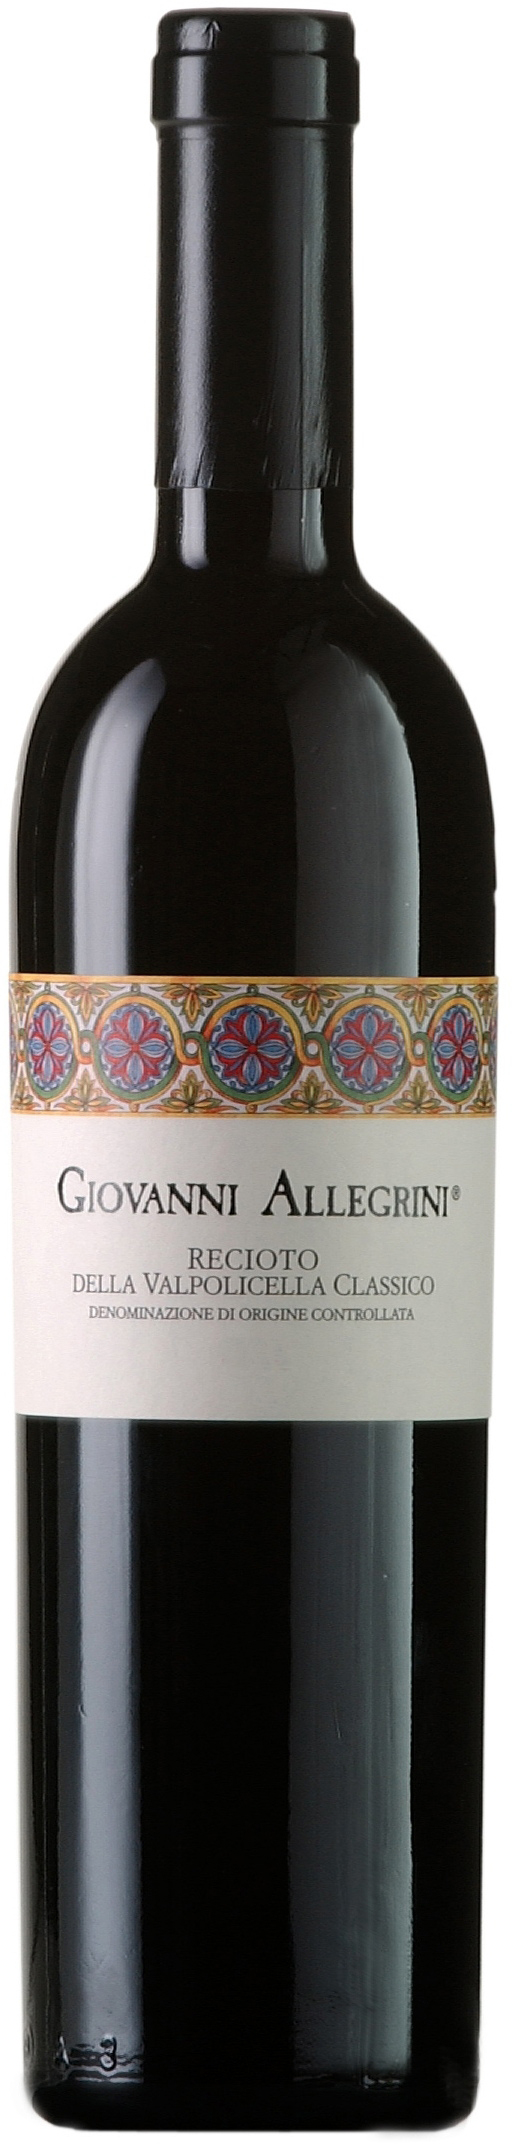 Allegrini, `Giovanni Allegrini` Recioto Classico 2012